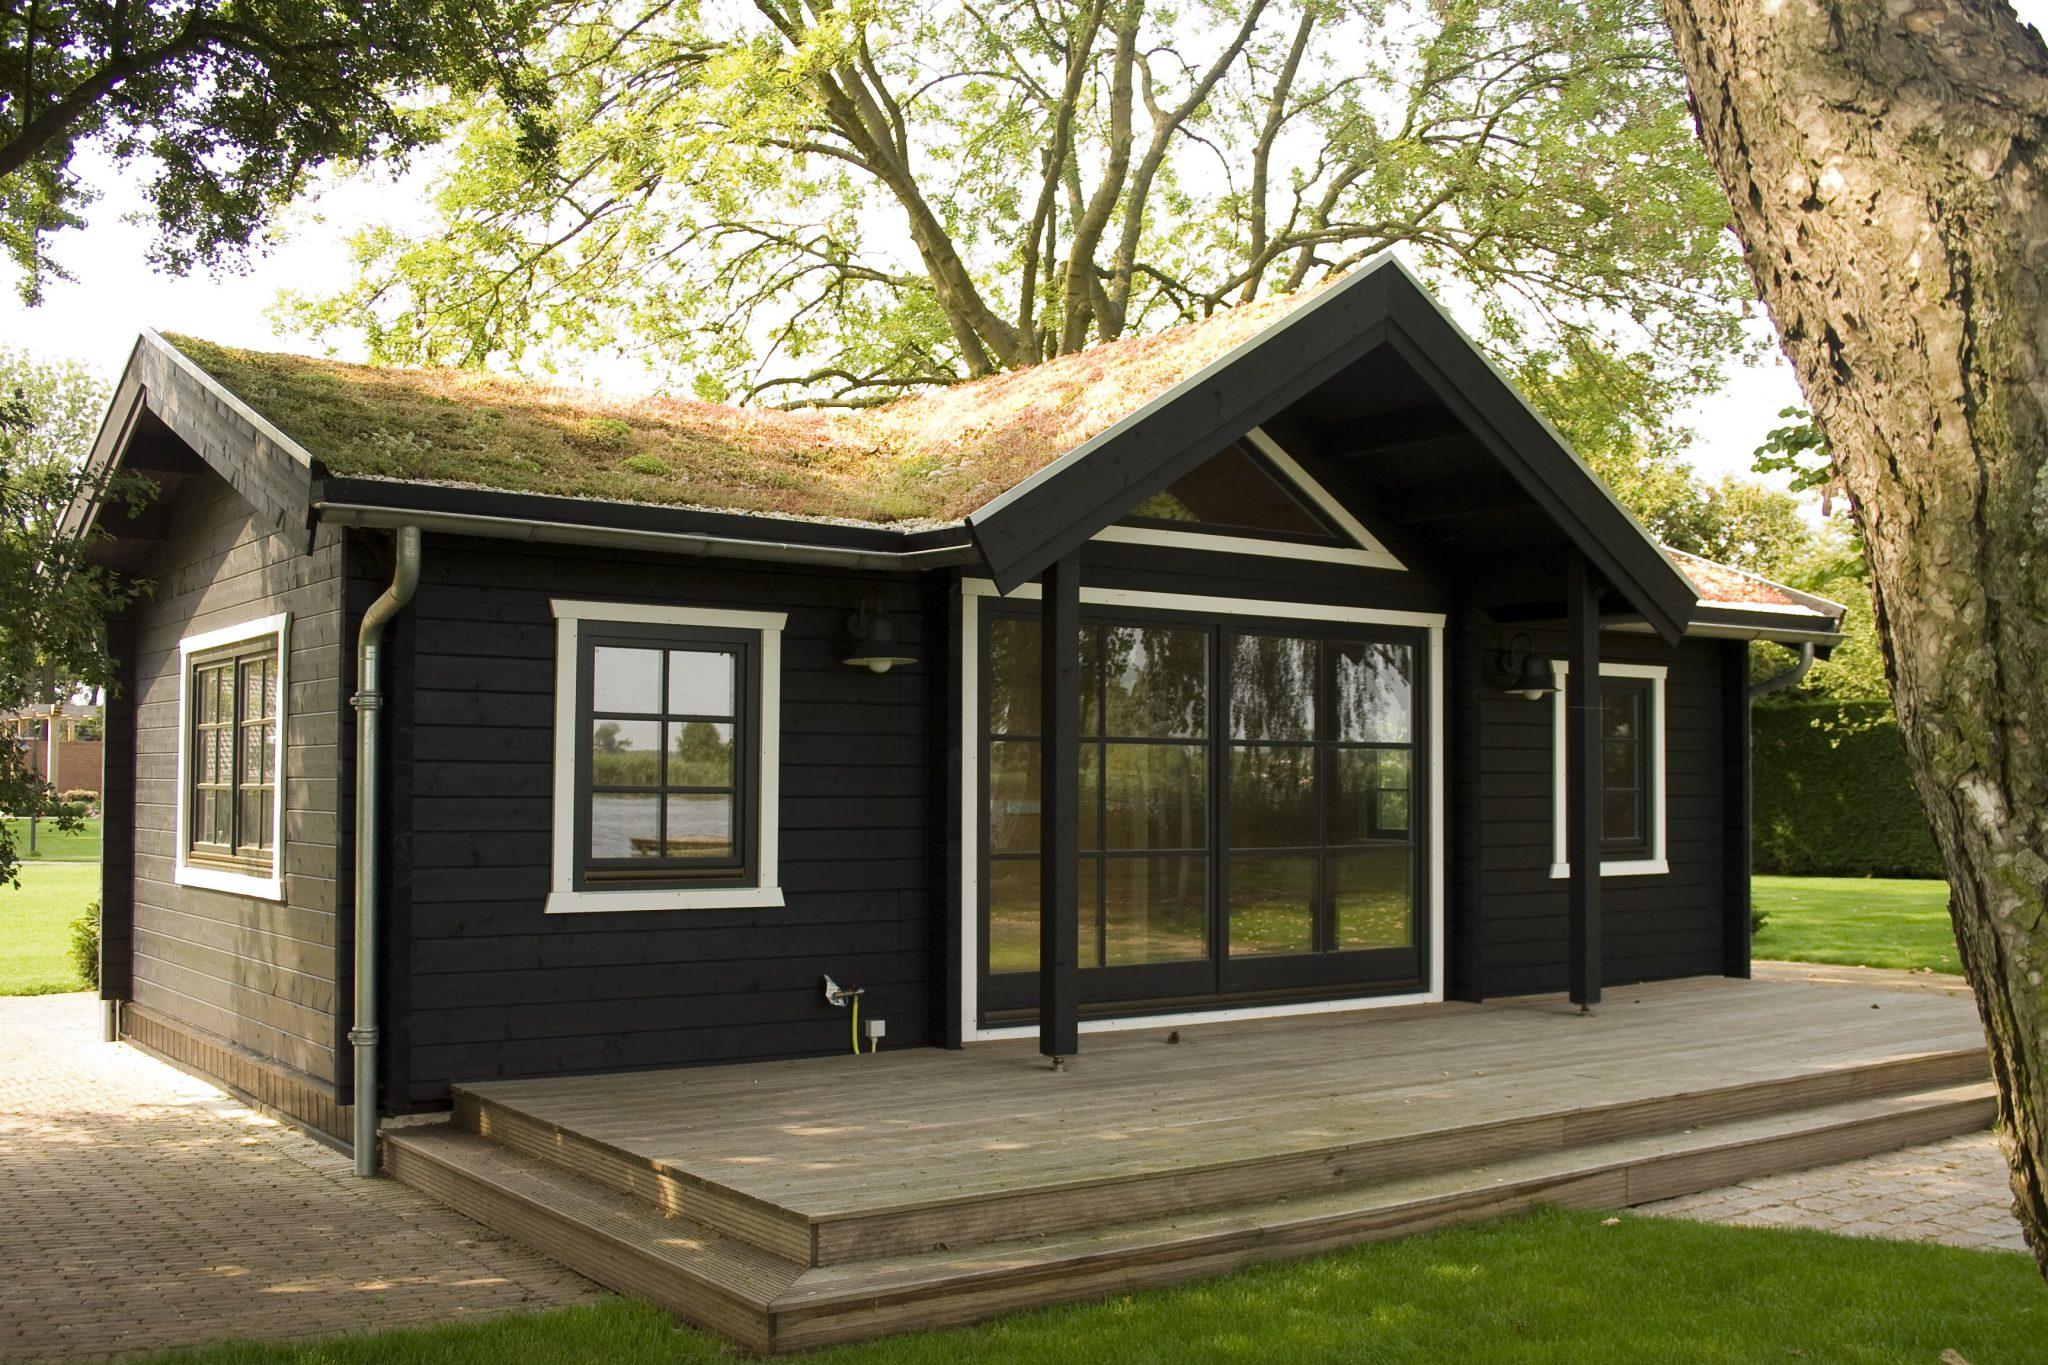 Achat chalet bois habitable kit l 39 habis for Maison bois 50m2 prix